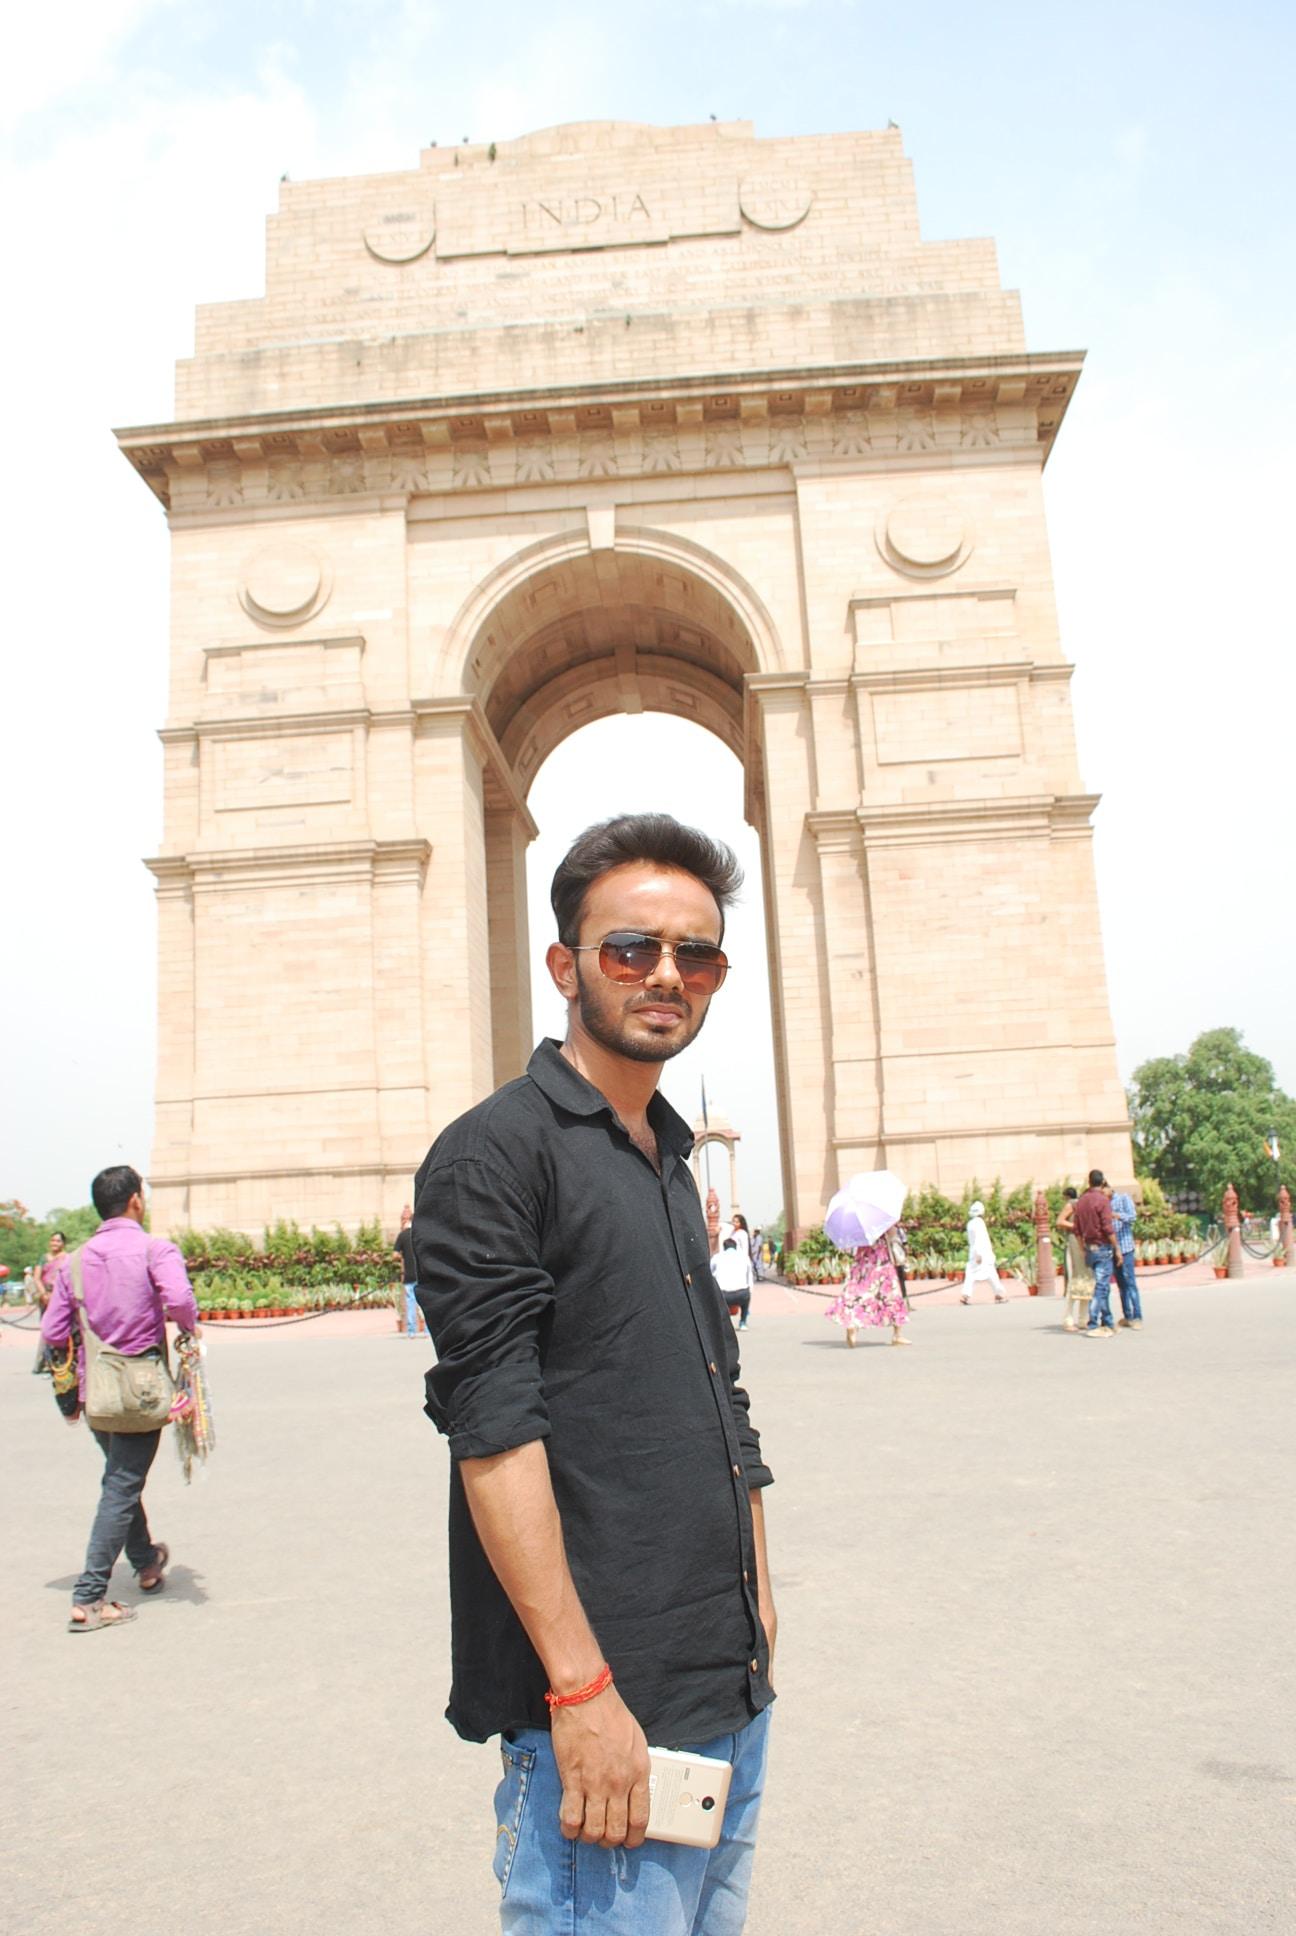 Go to Aditya Sinha's profile